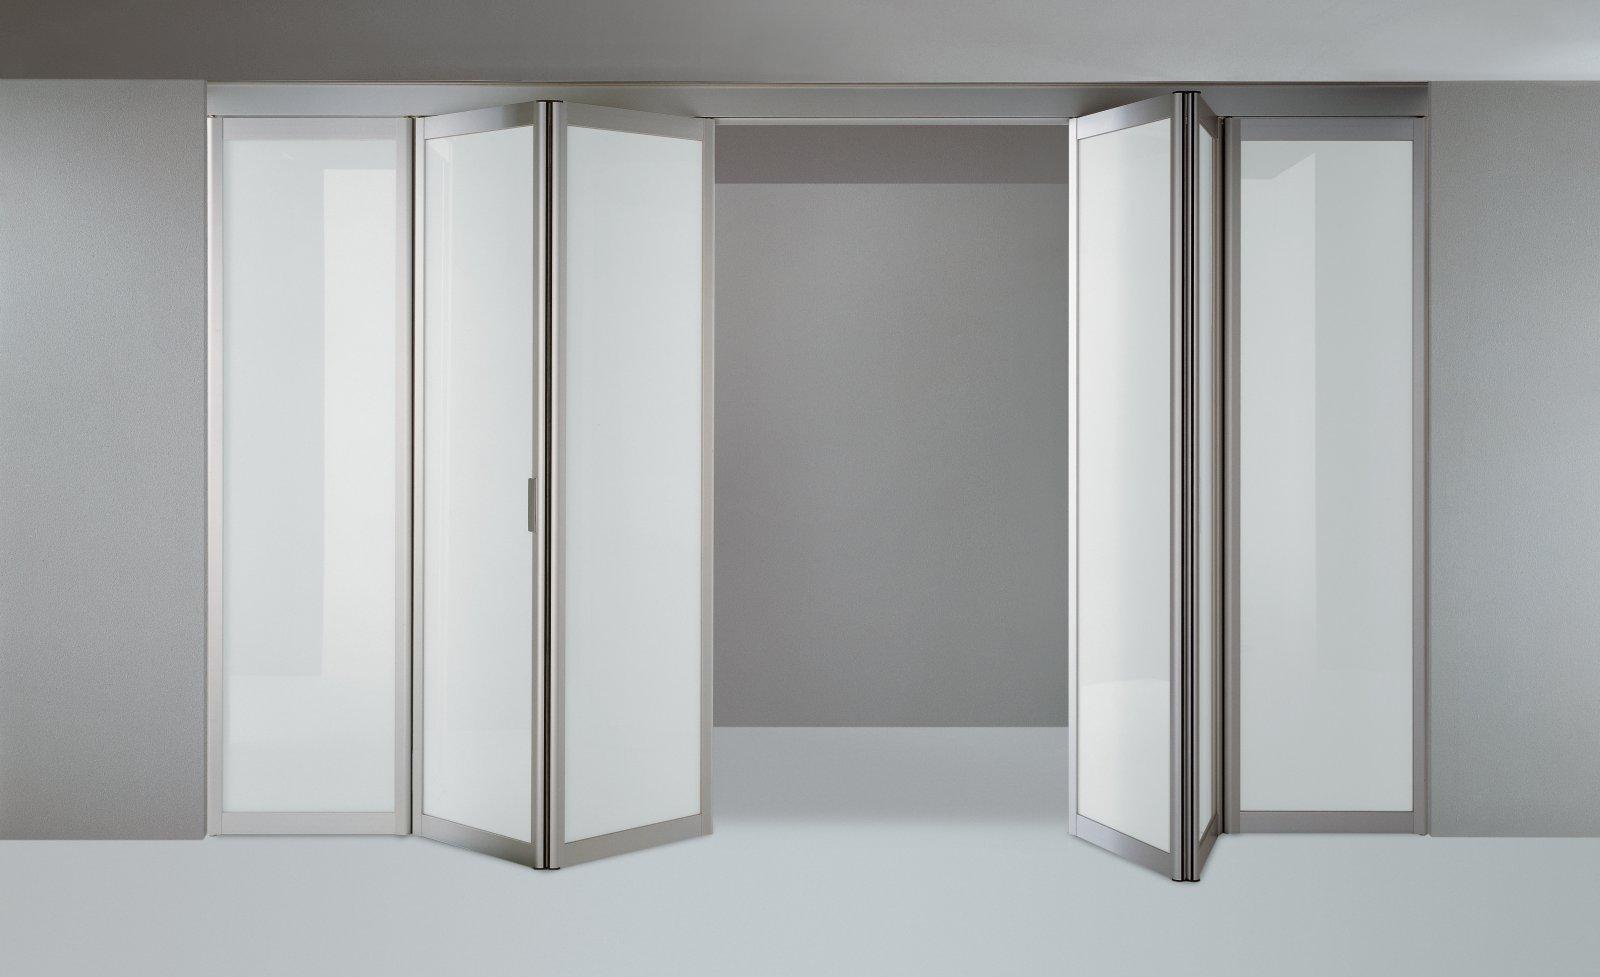 Tipos de puertas correderas